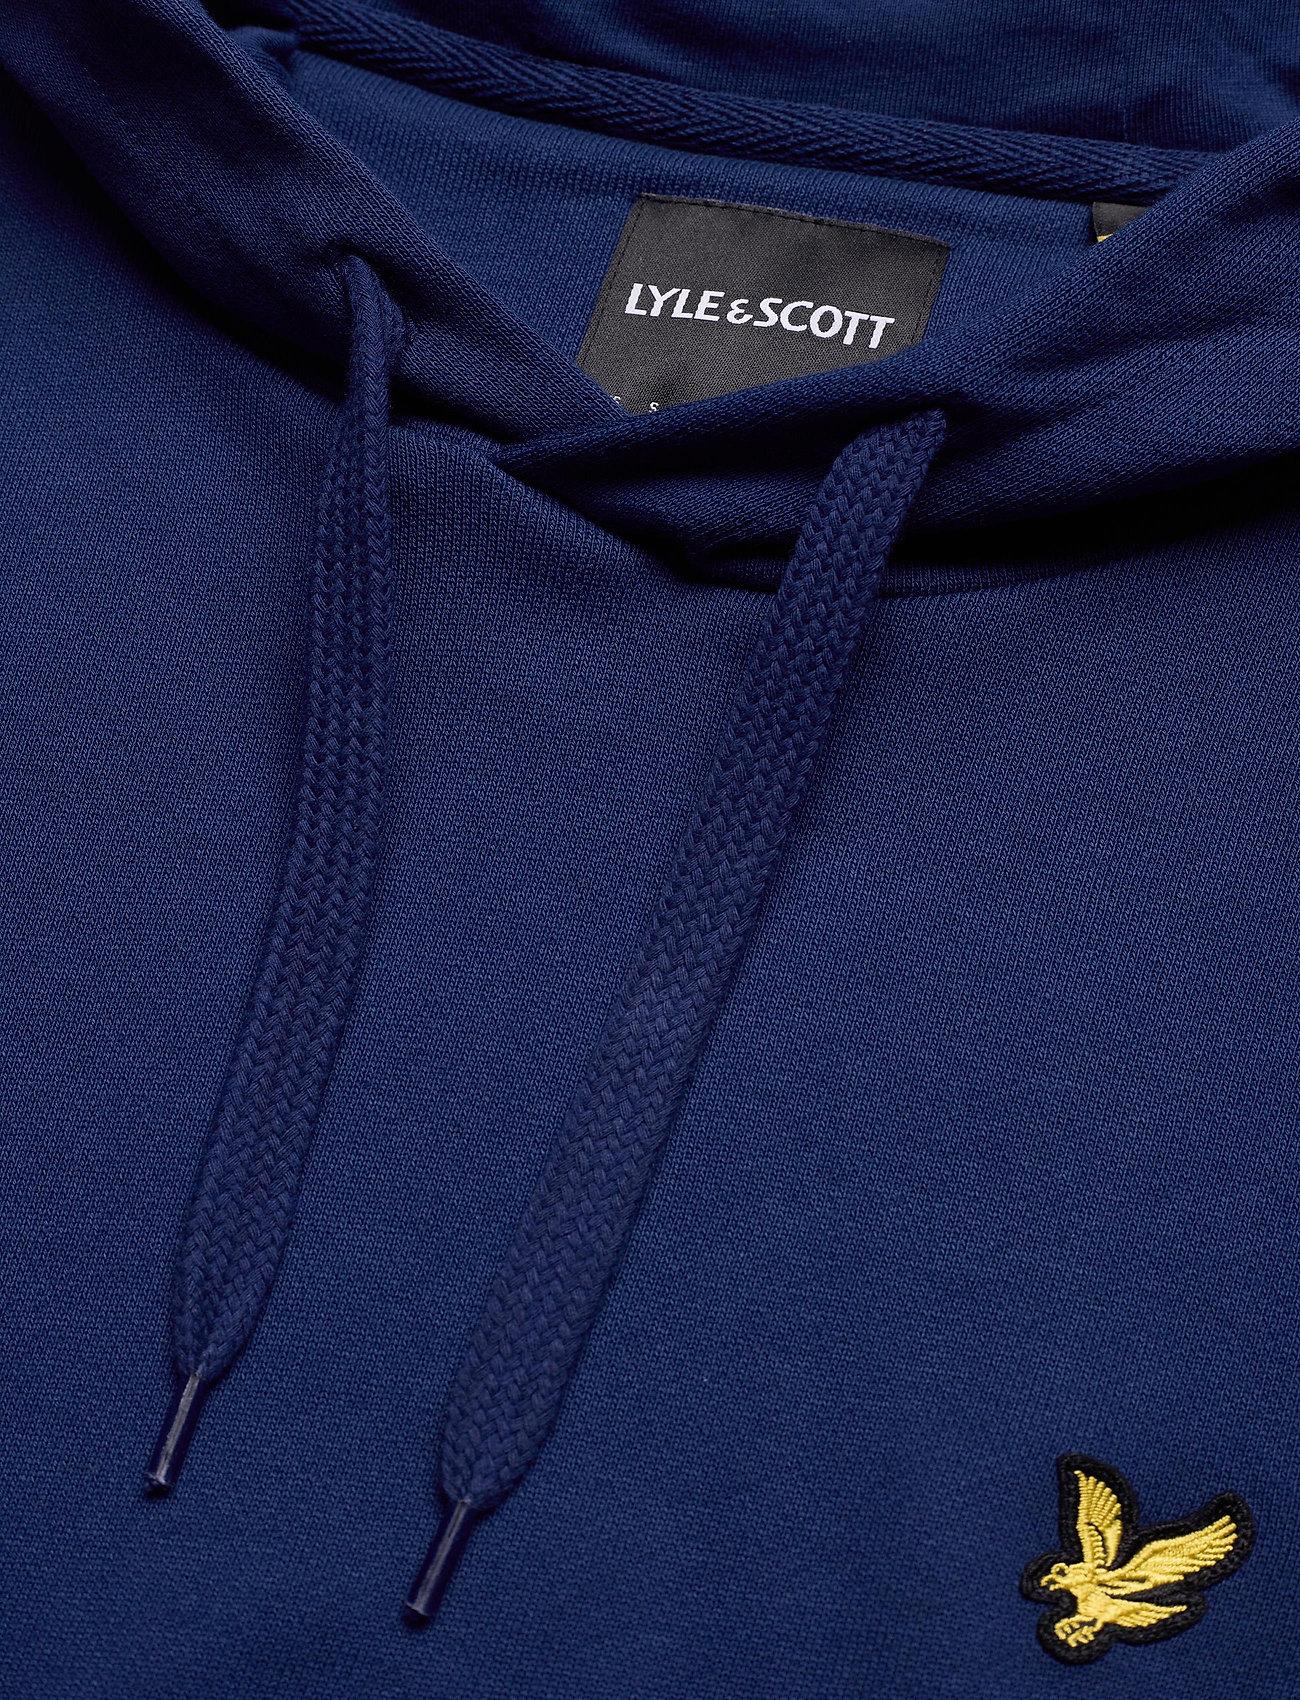 Lyle & Scott Pullover Hoodie - Sweatshirts INDIGO - Menn Klær